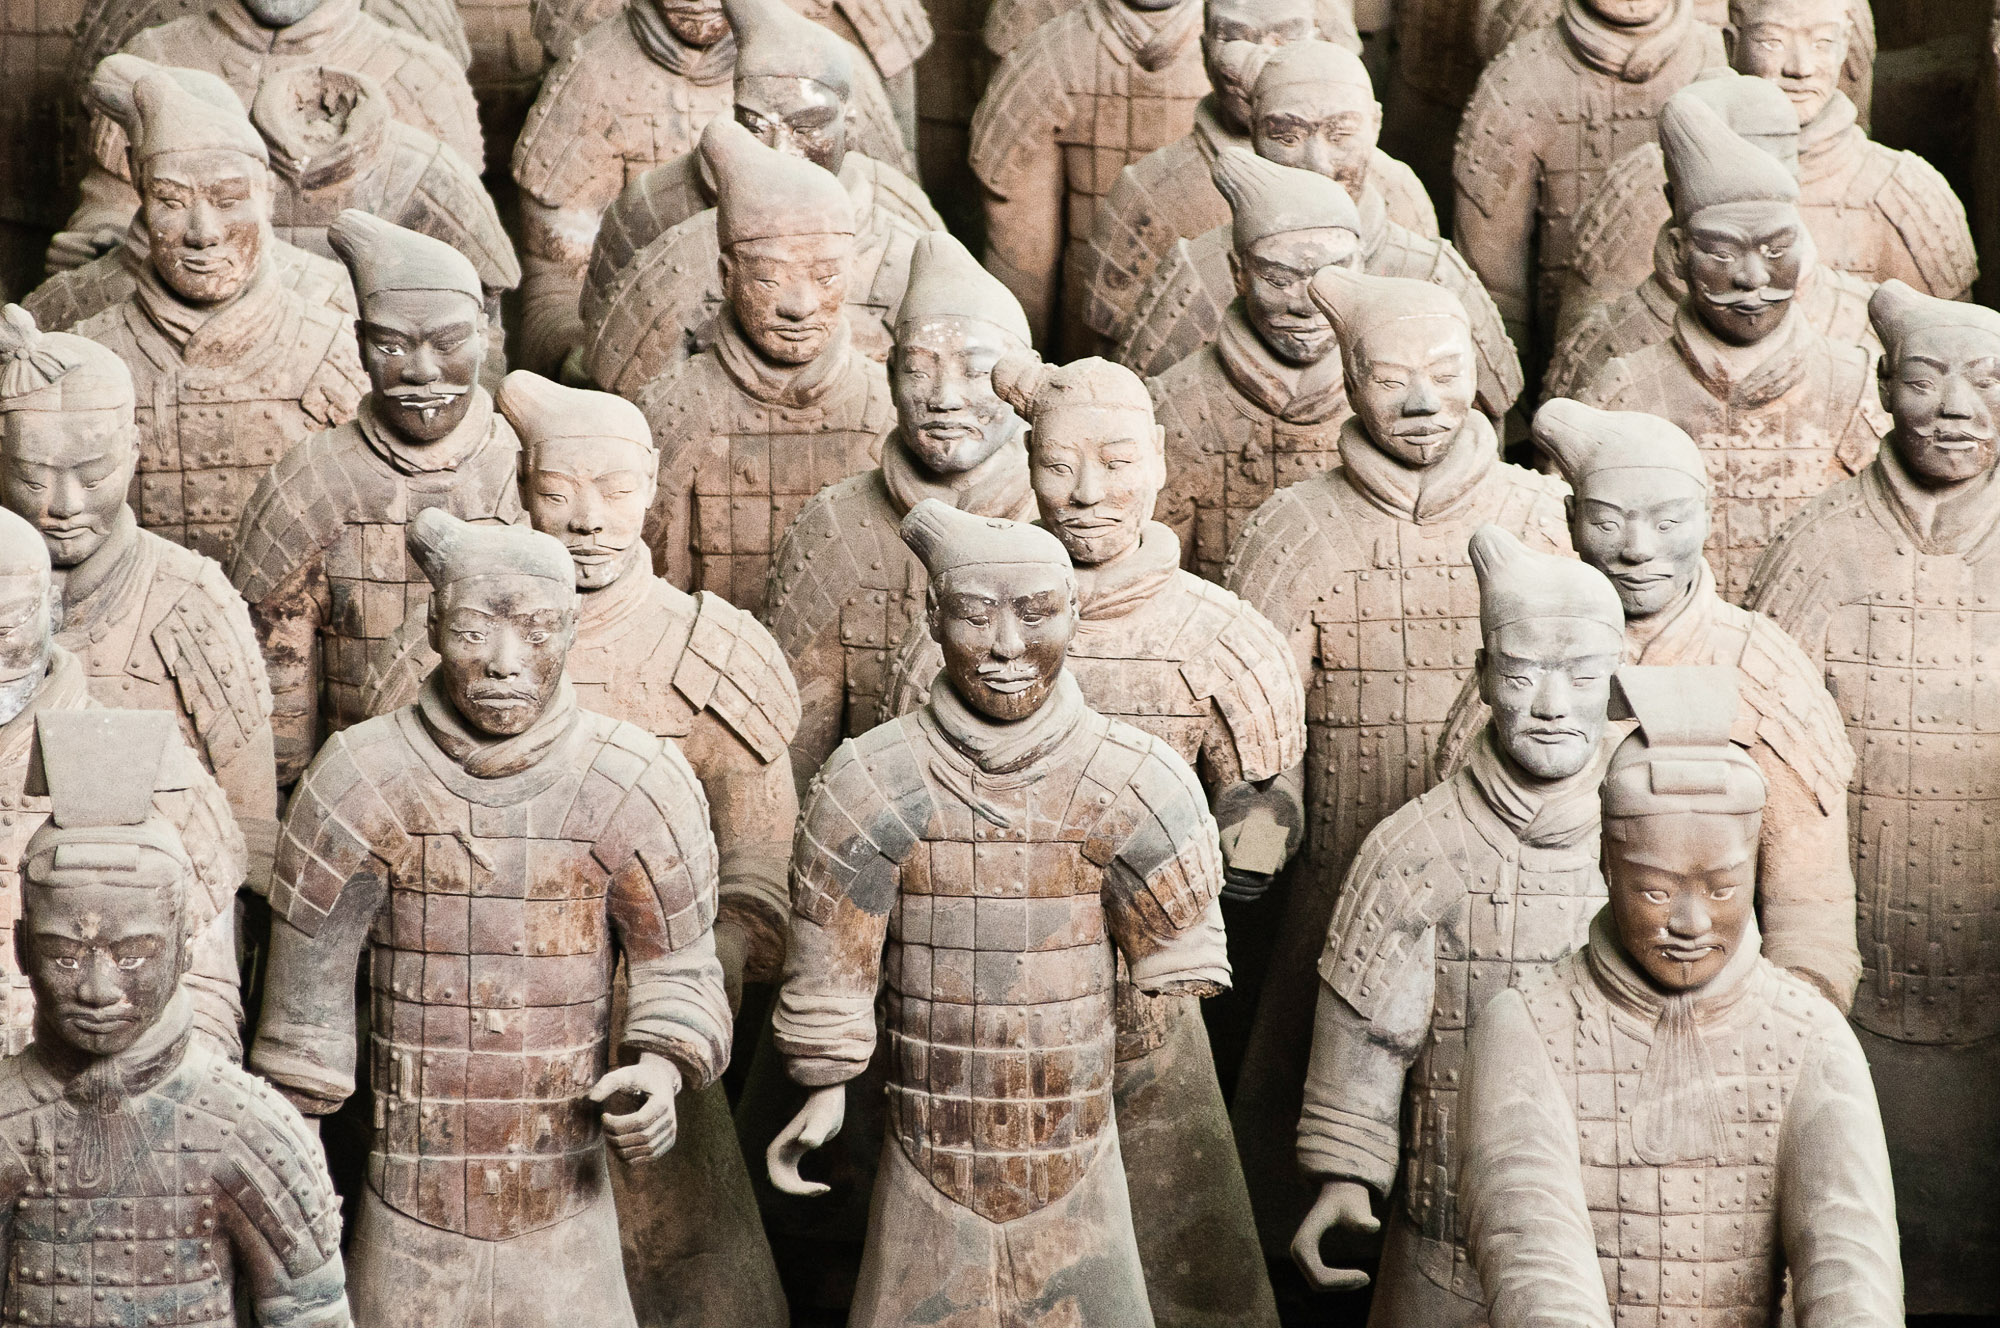 Terra Cotta Warriors, China. © www.thomaspickard.com